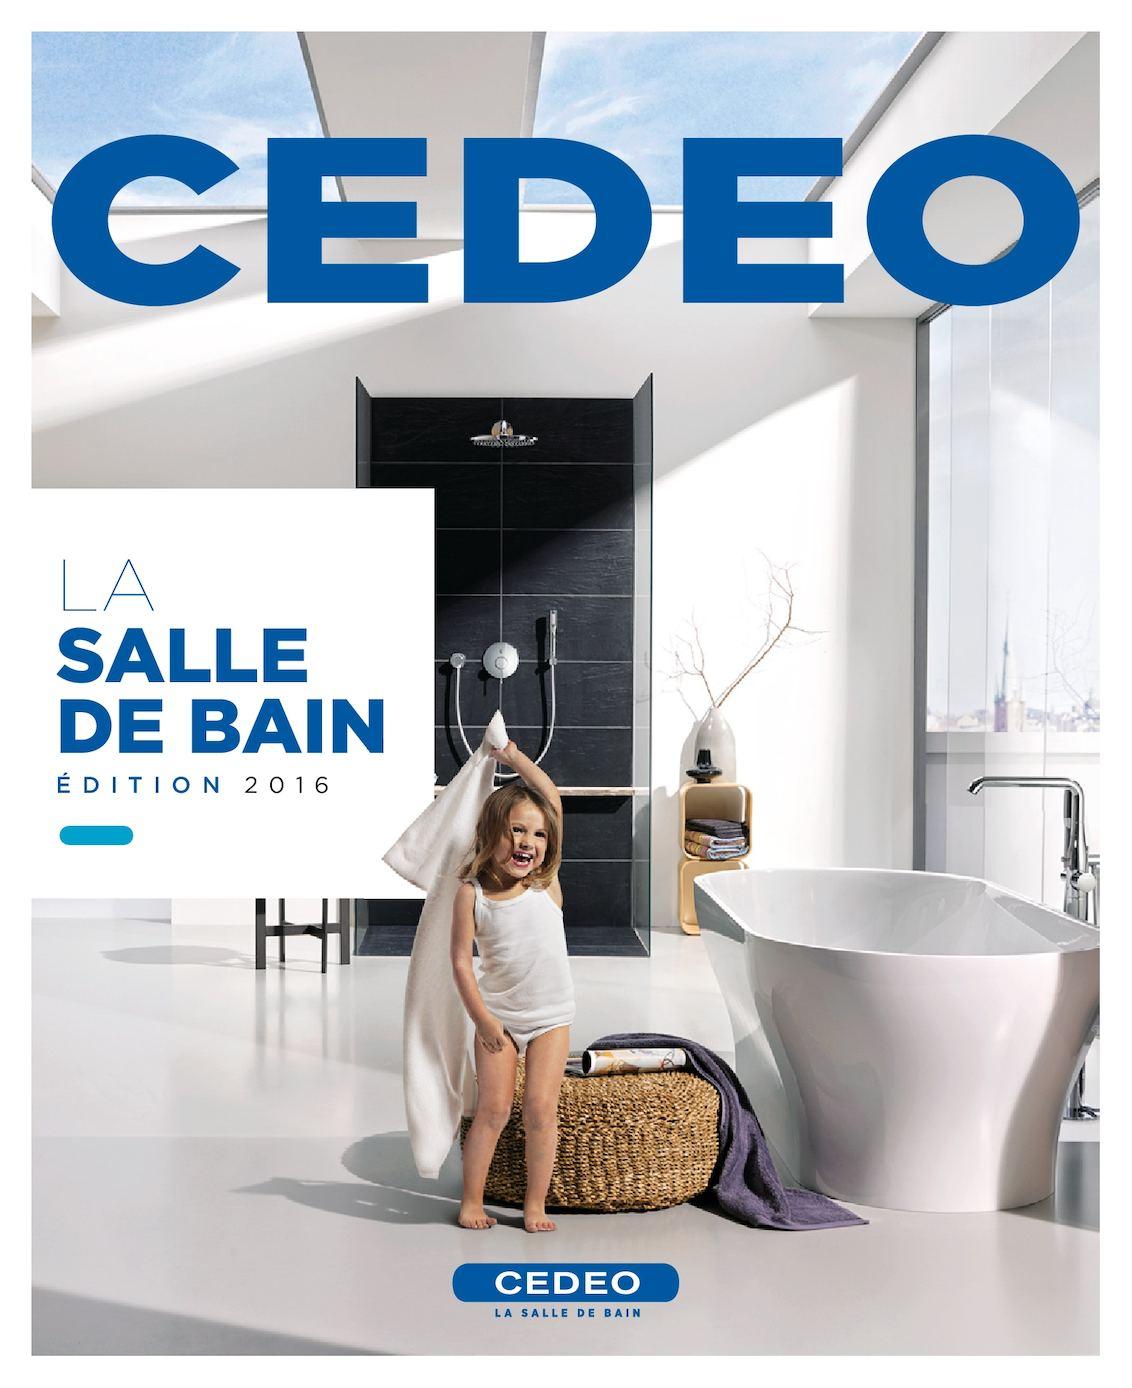 Bains Salles Cedeo De Calaméo 2016 c5ASjRq34L